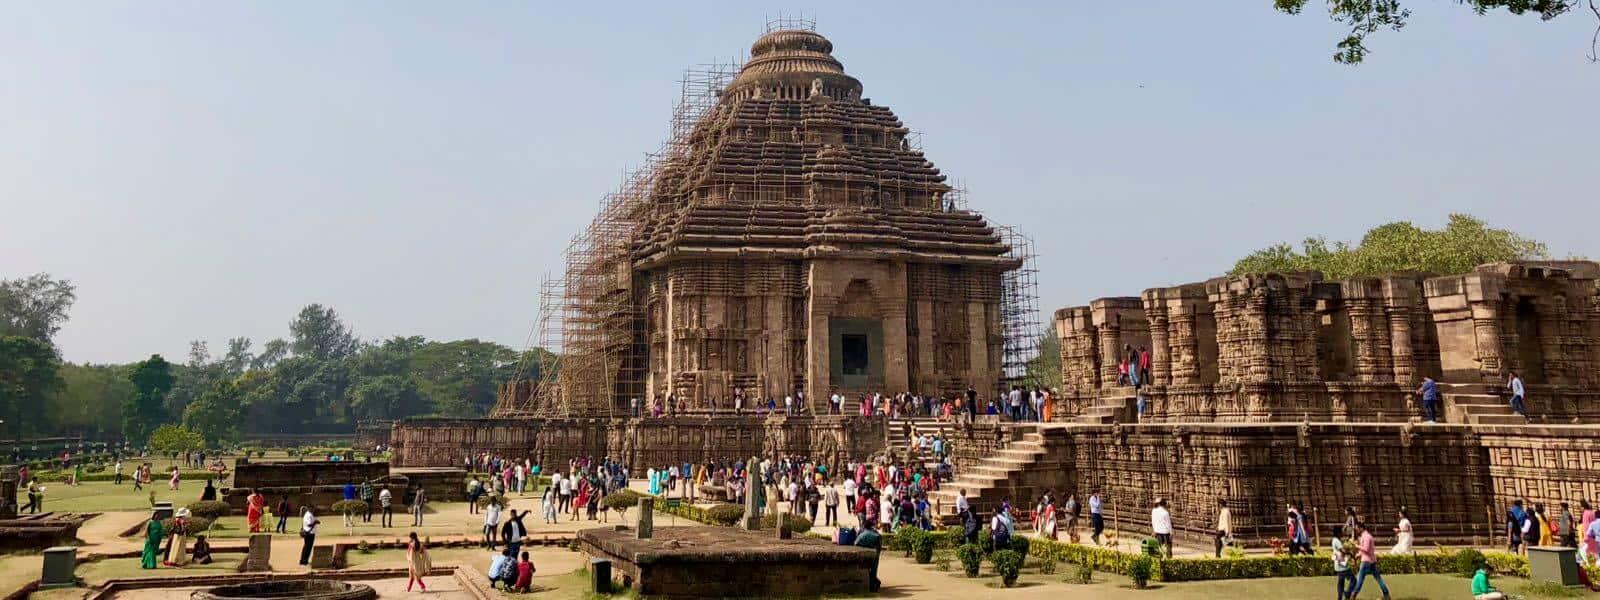 Konark Sun Temple betternotstop India Road Trip Puri